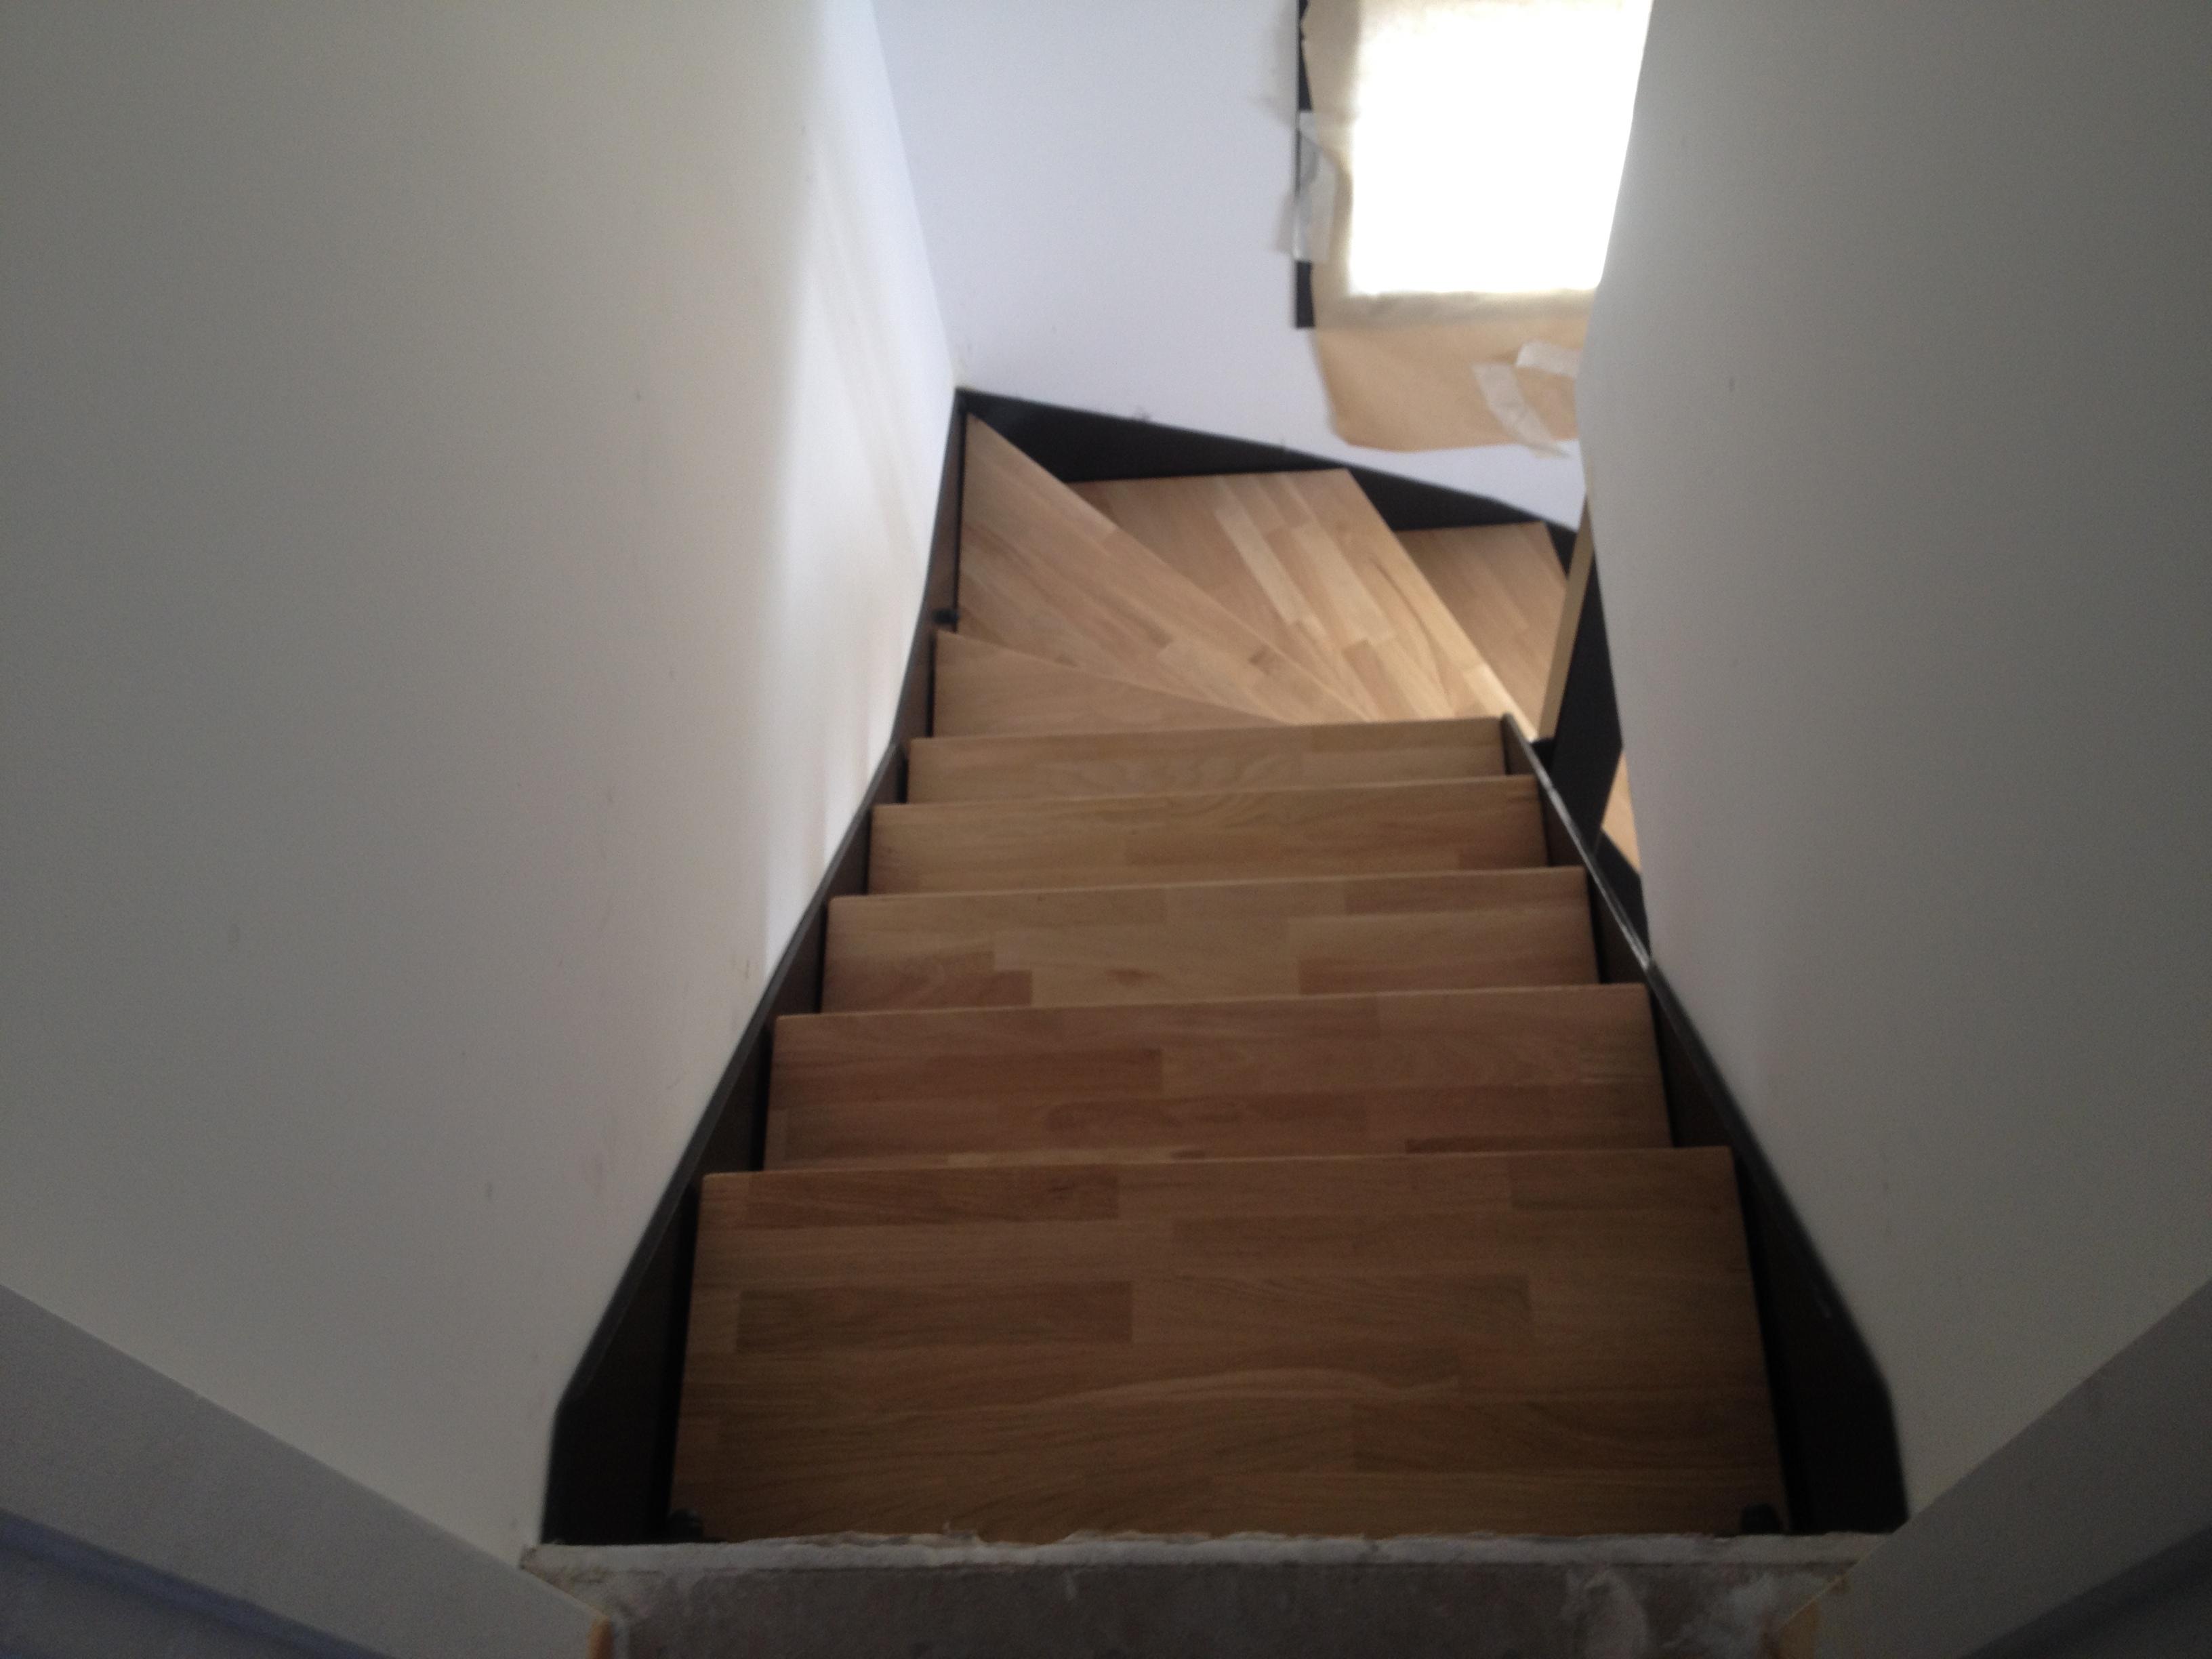 Escalier Balancé en métal & bois réalisé sur mesure.